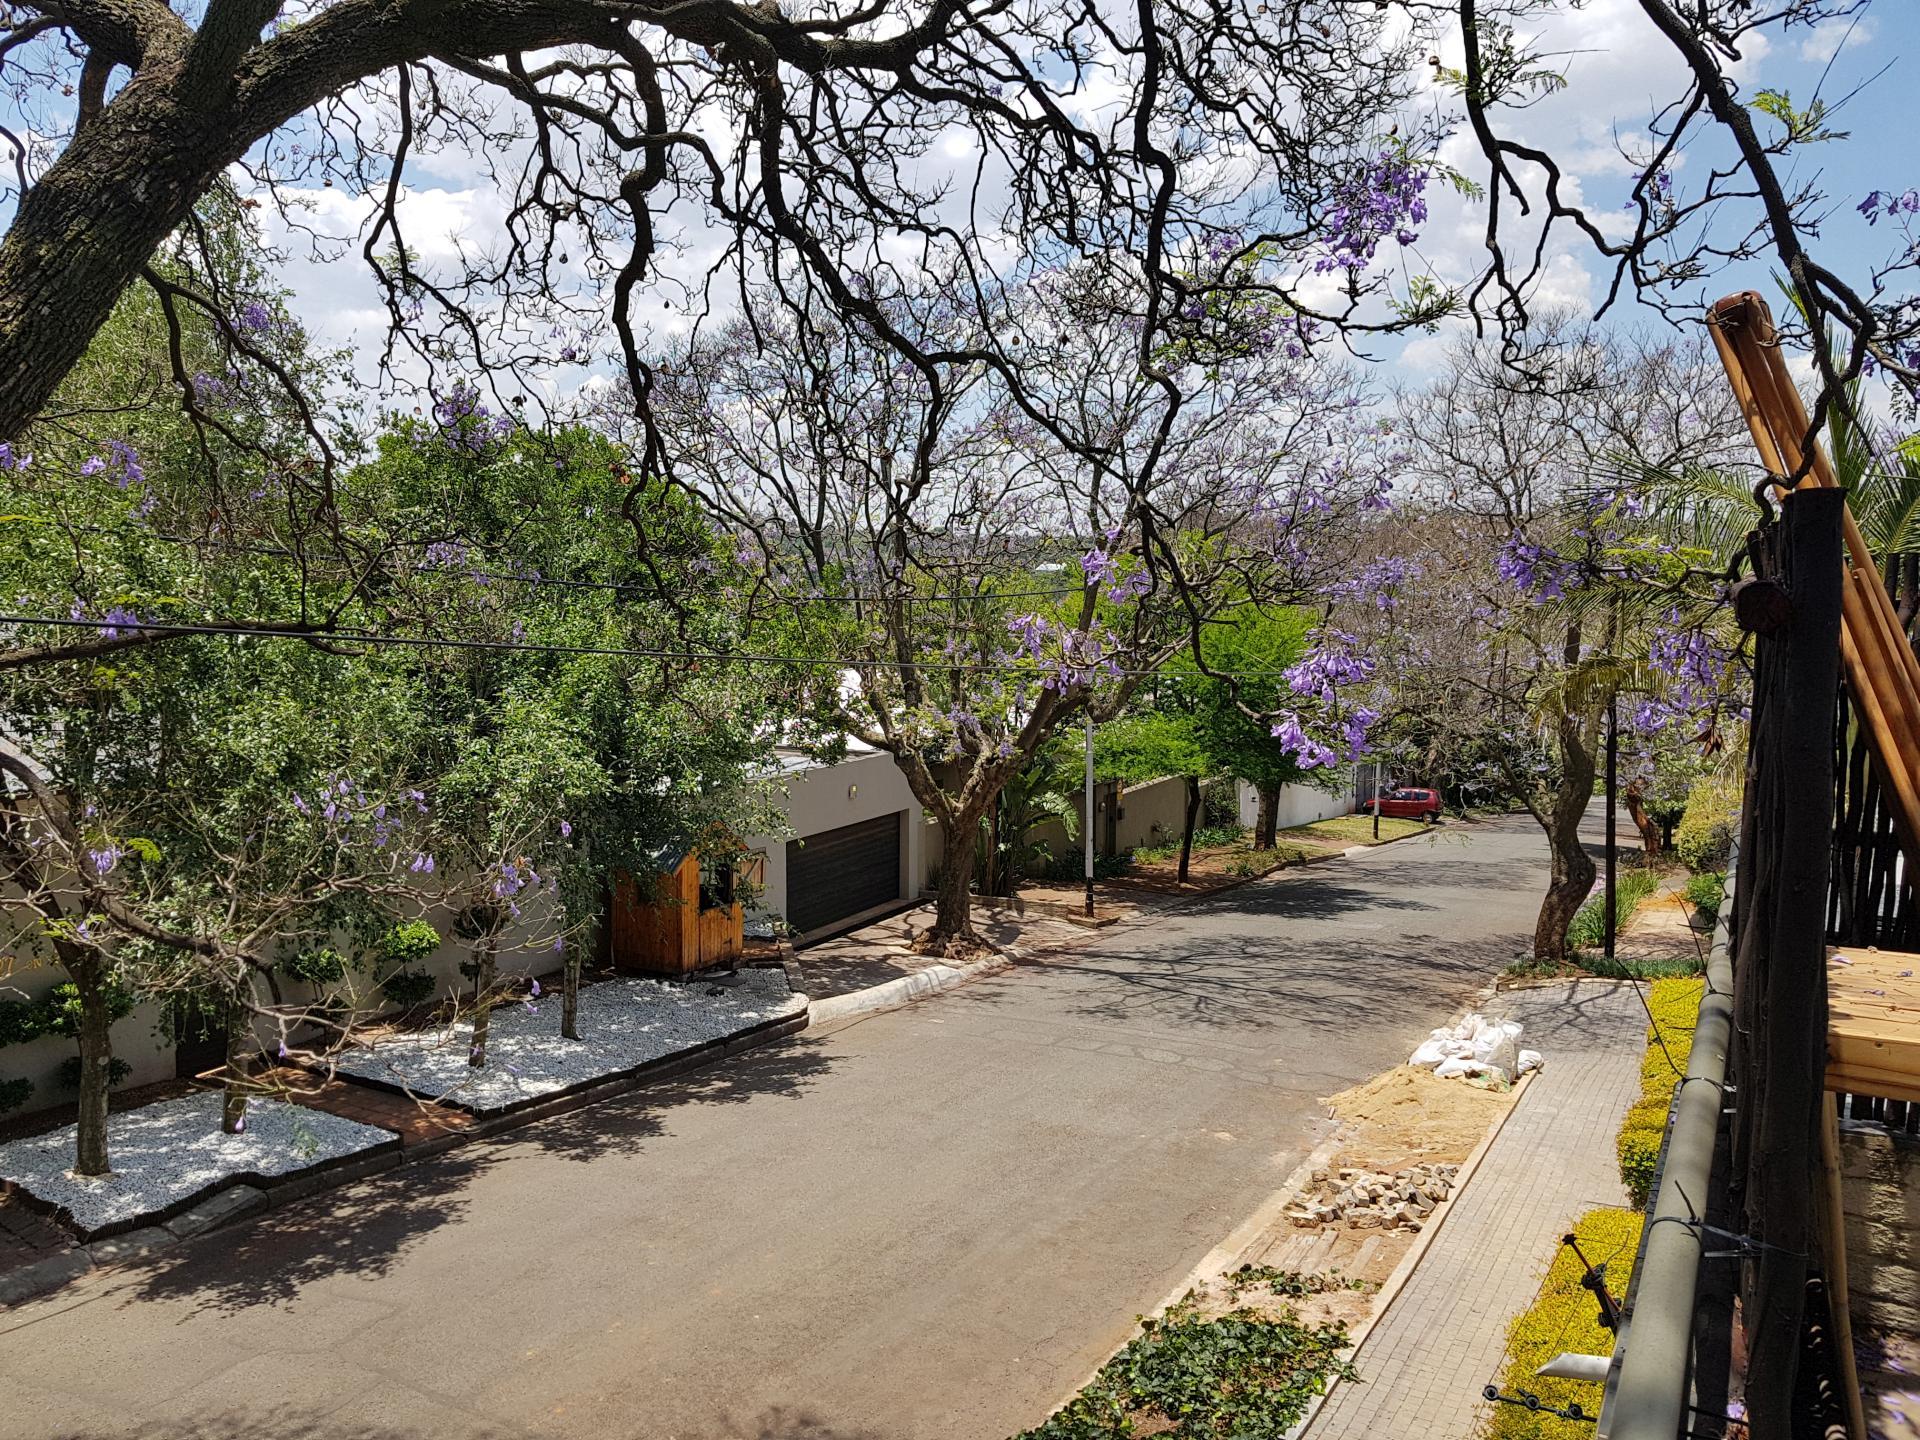 улица в Йоханнесбурге